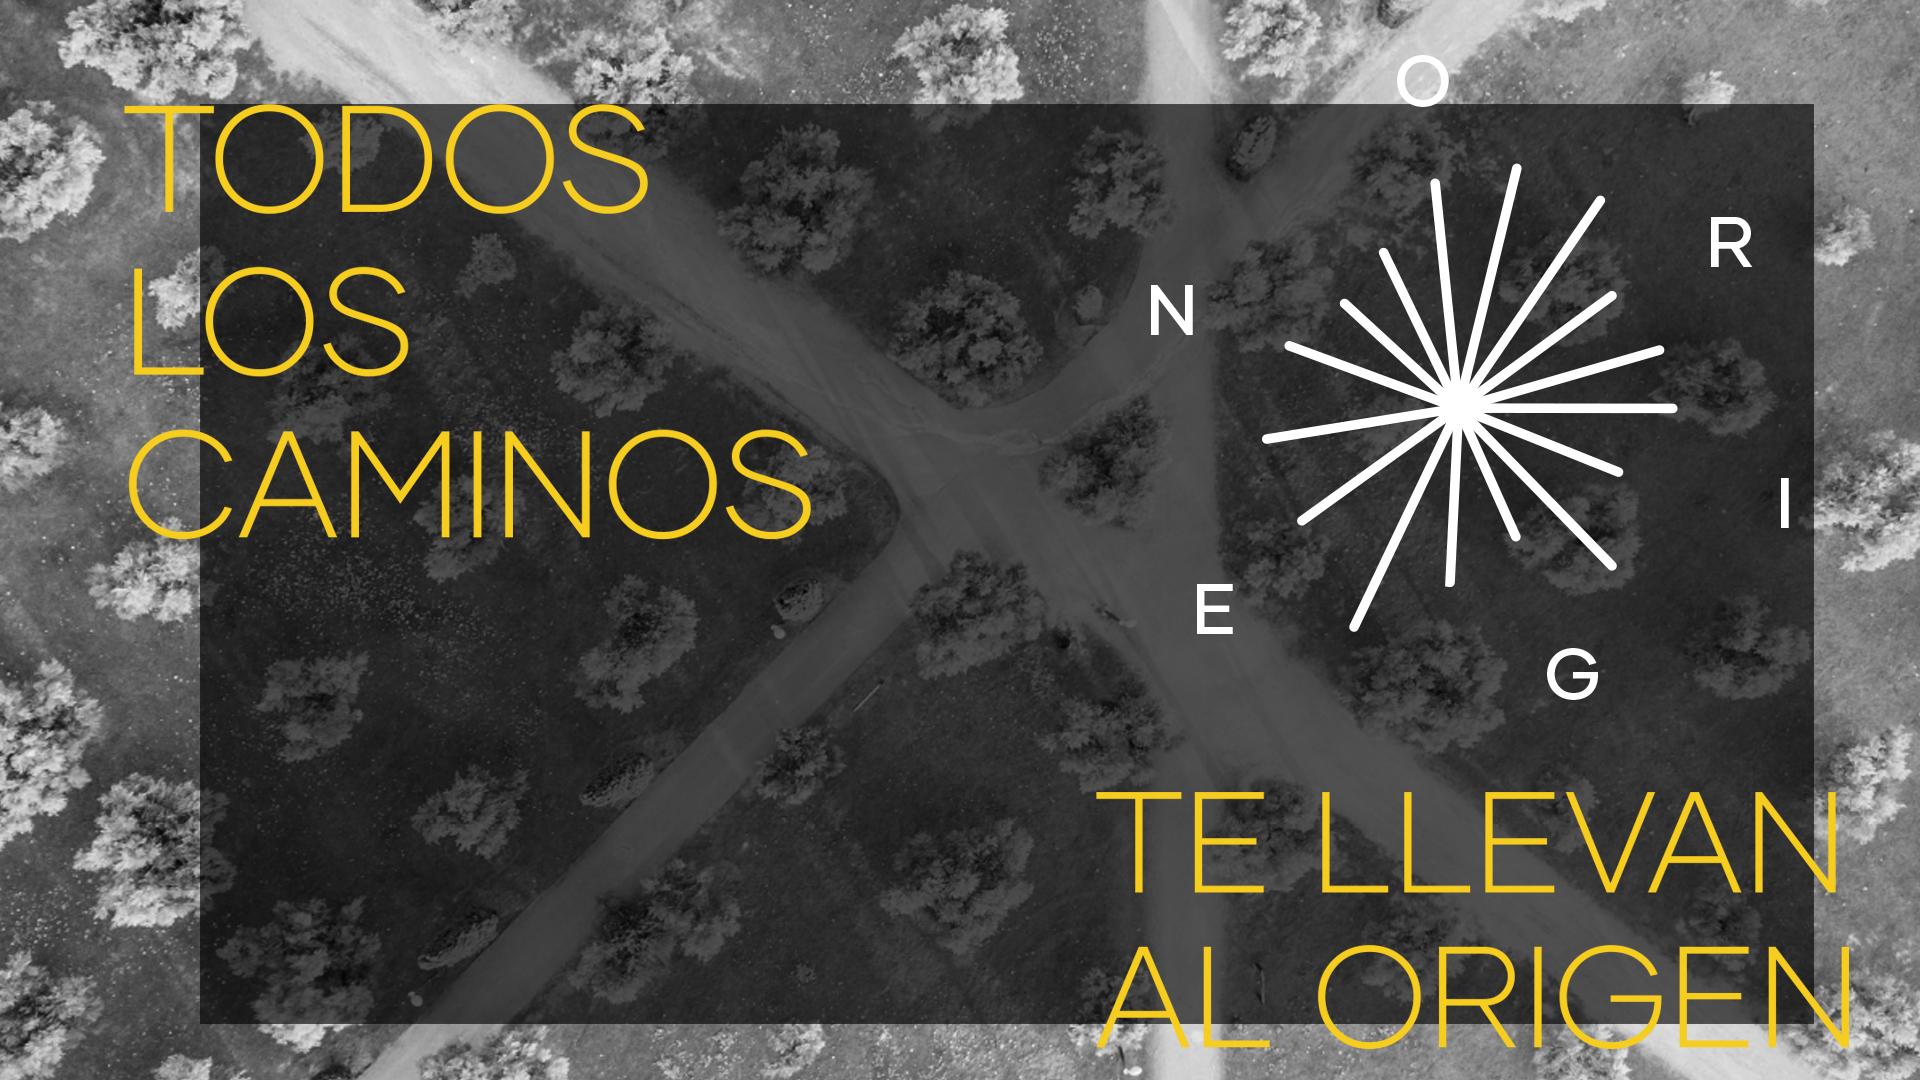 29791todos_los_caminos_1920x1080